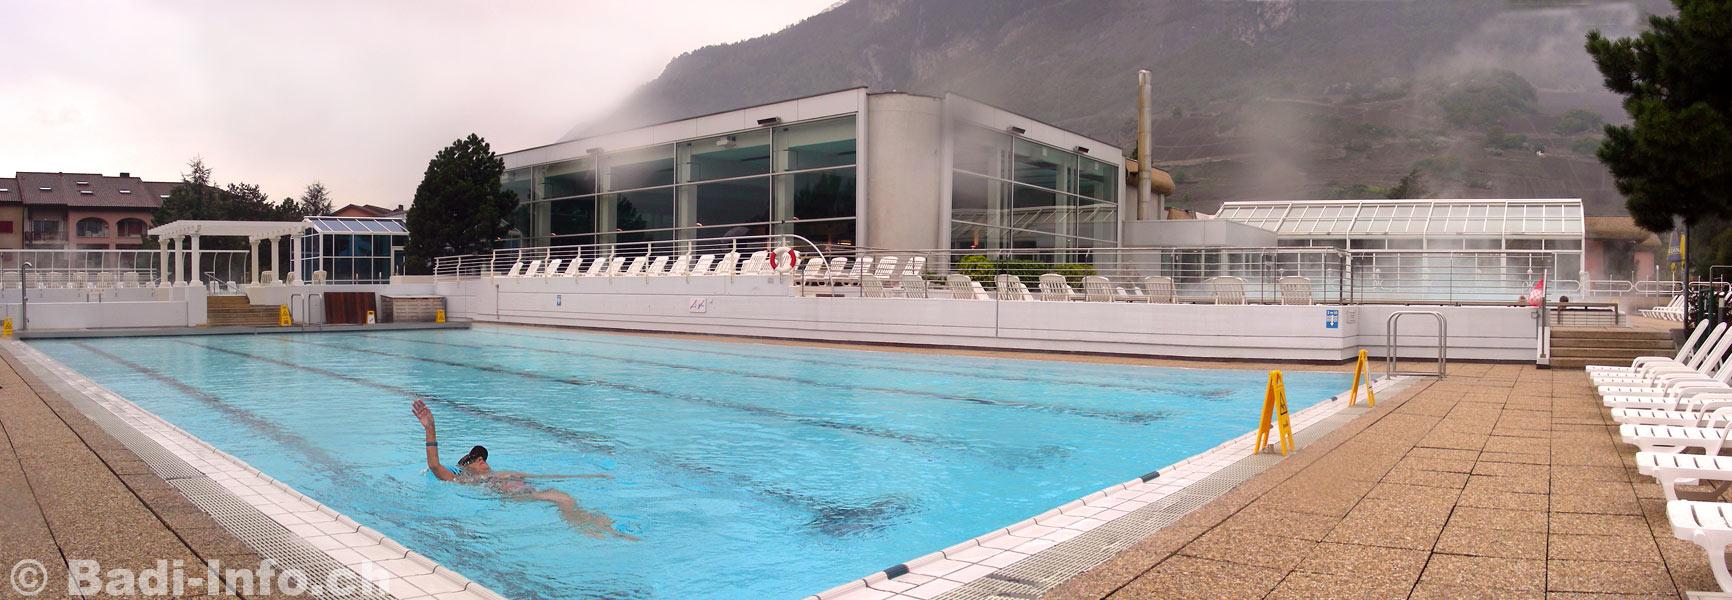 Bains de saillon piscine for Hotel des bains saillon suisse